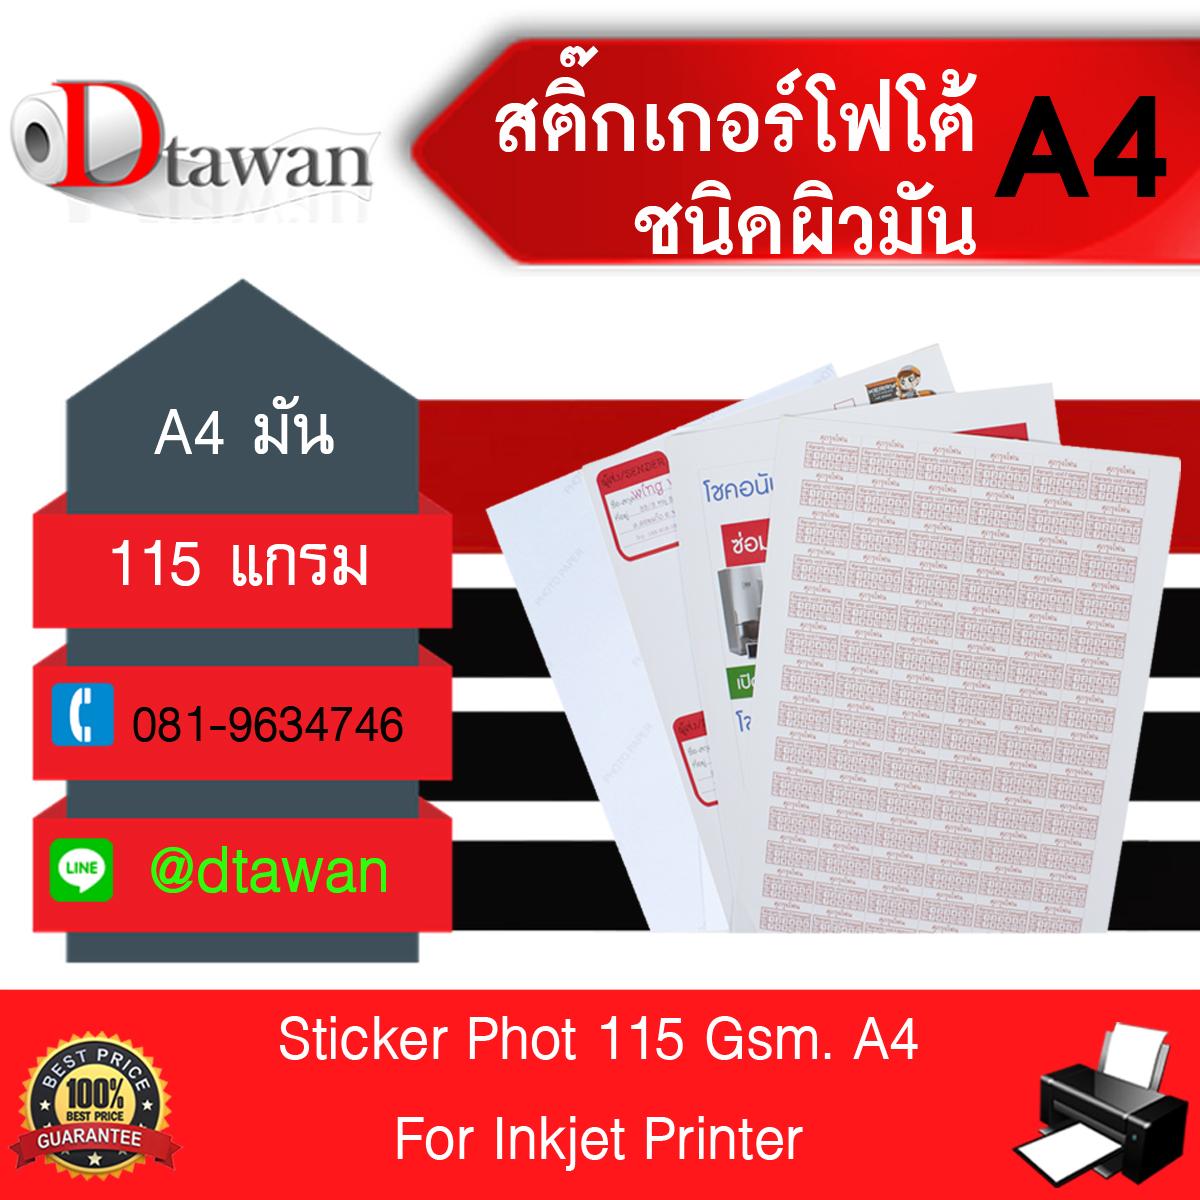 กระดาษโฟโต้สติ๊กเกอร์ 115g ชนิดผิวมัน ขนาด A4 สำหรับงานพิมพ์คุณภาพ